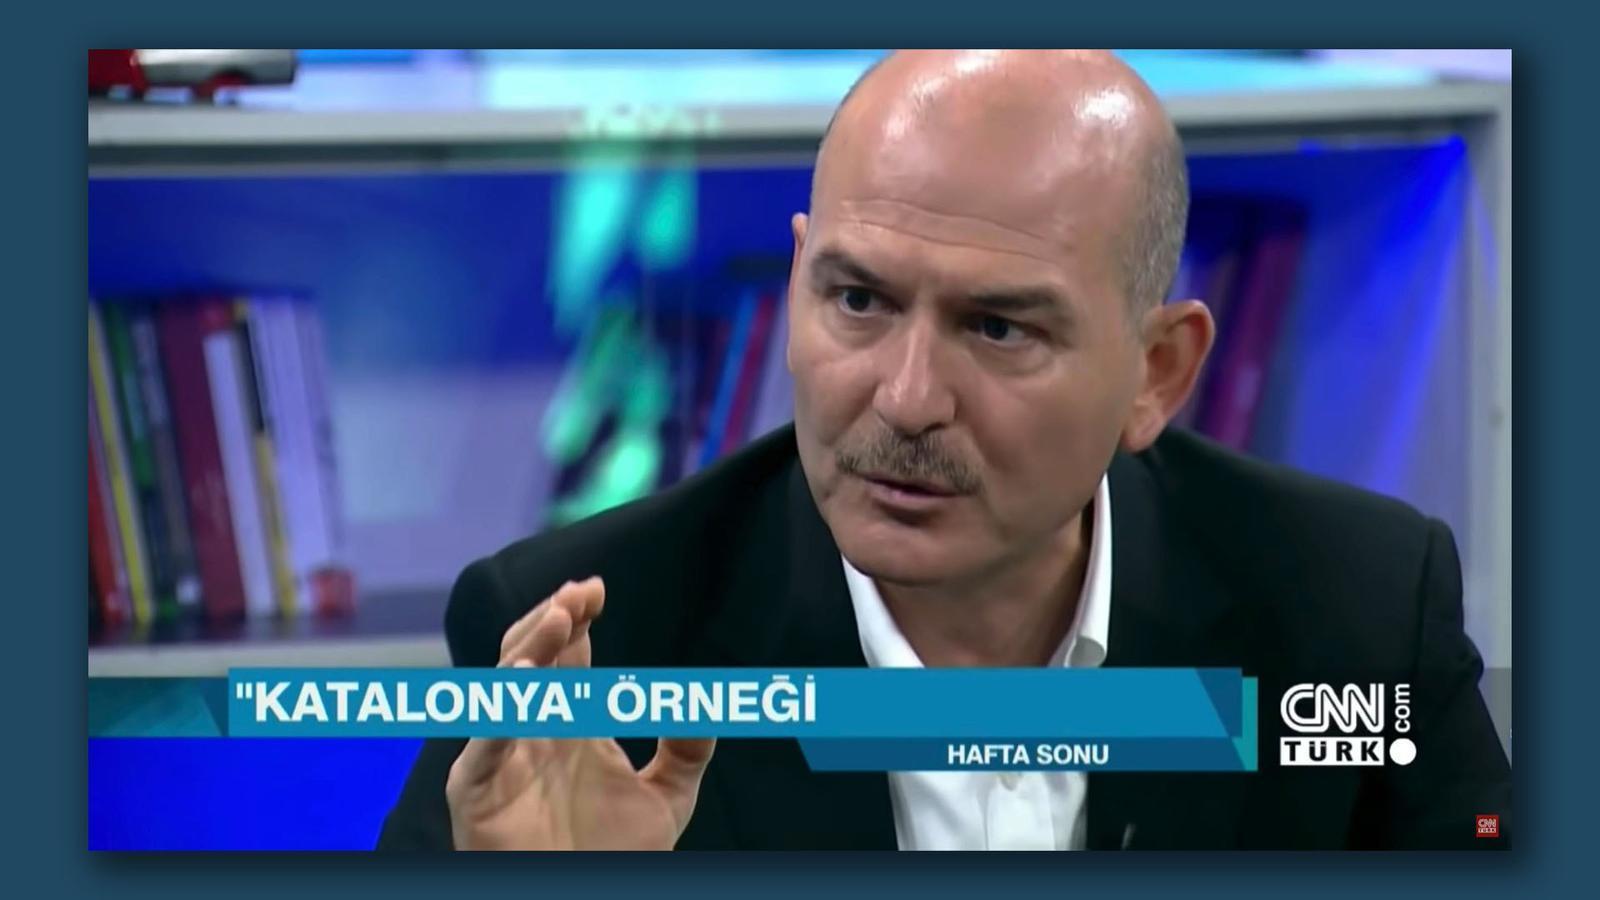 L'anàlisi d'Antoni Bassas: 'Turquia posa l'exemple de Catalunya per a justificar la seva repressió'